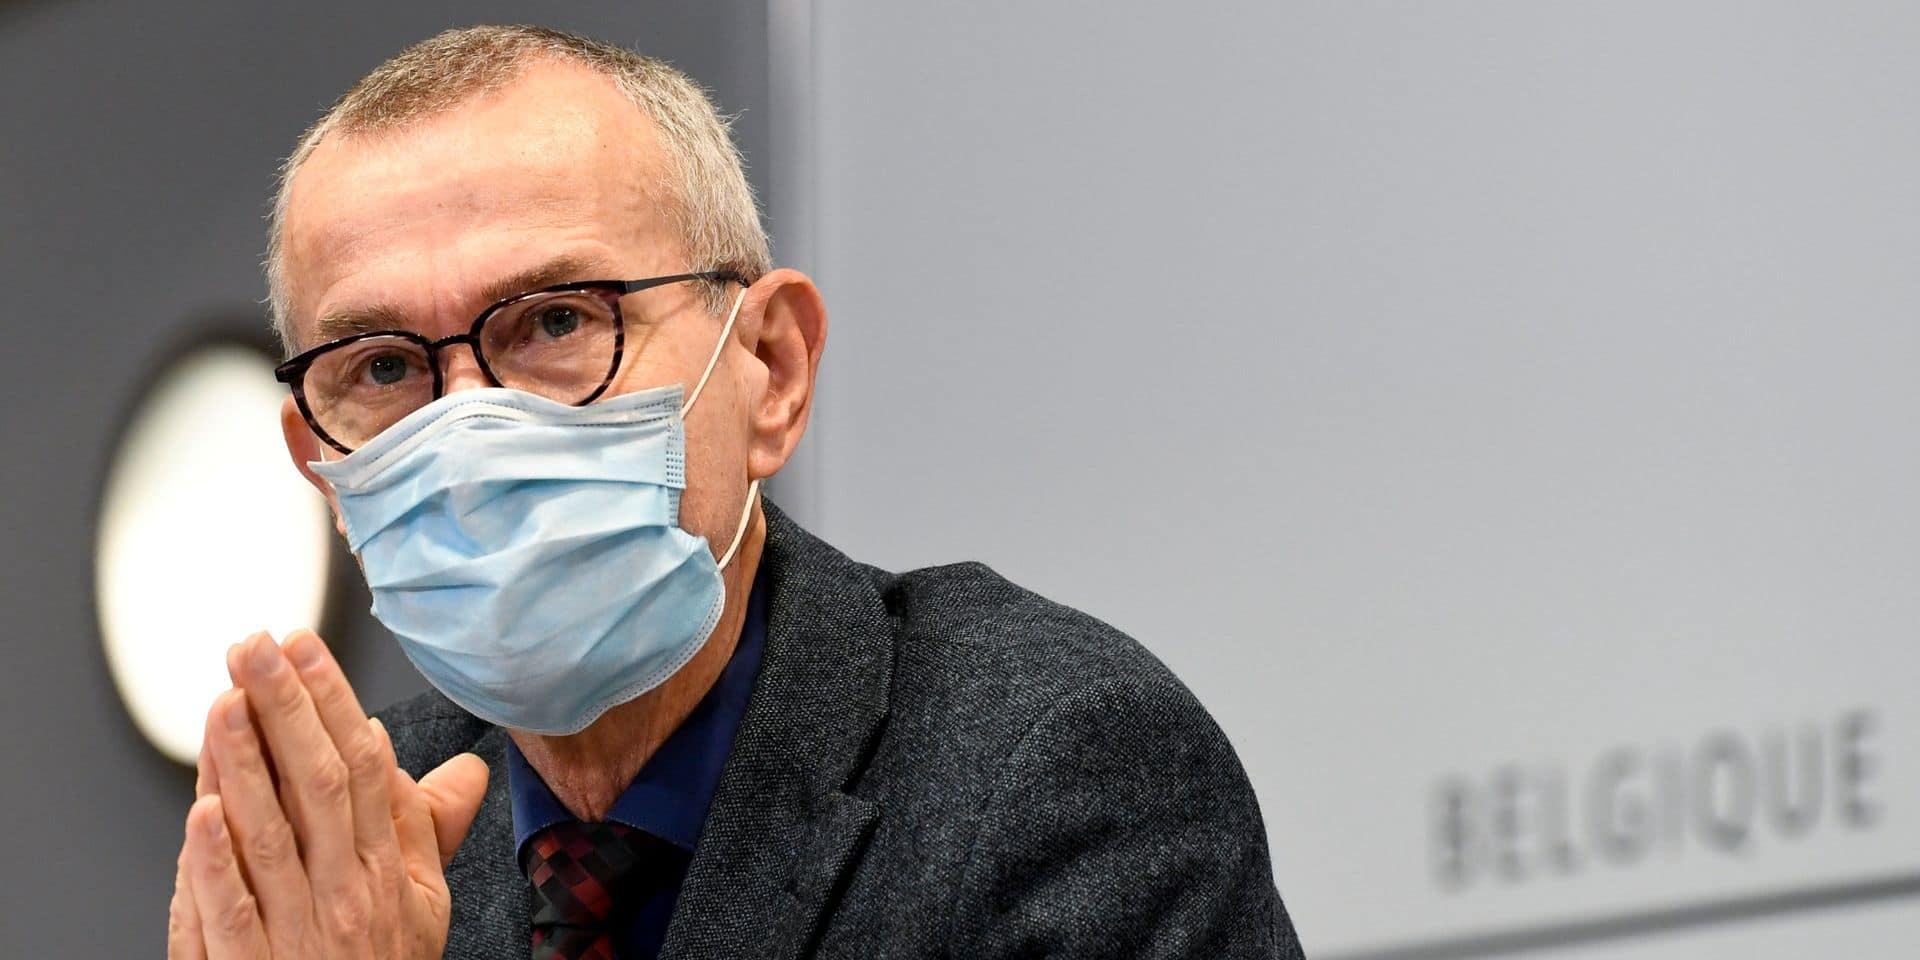 Les enseignants ne sont pas prioritaires pour la vaccination : l'explication de Frank Vandenbroucke